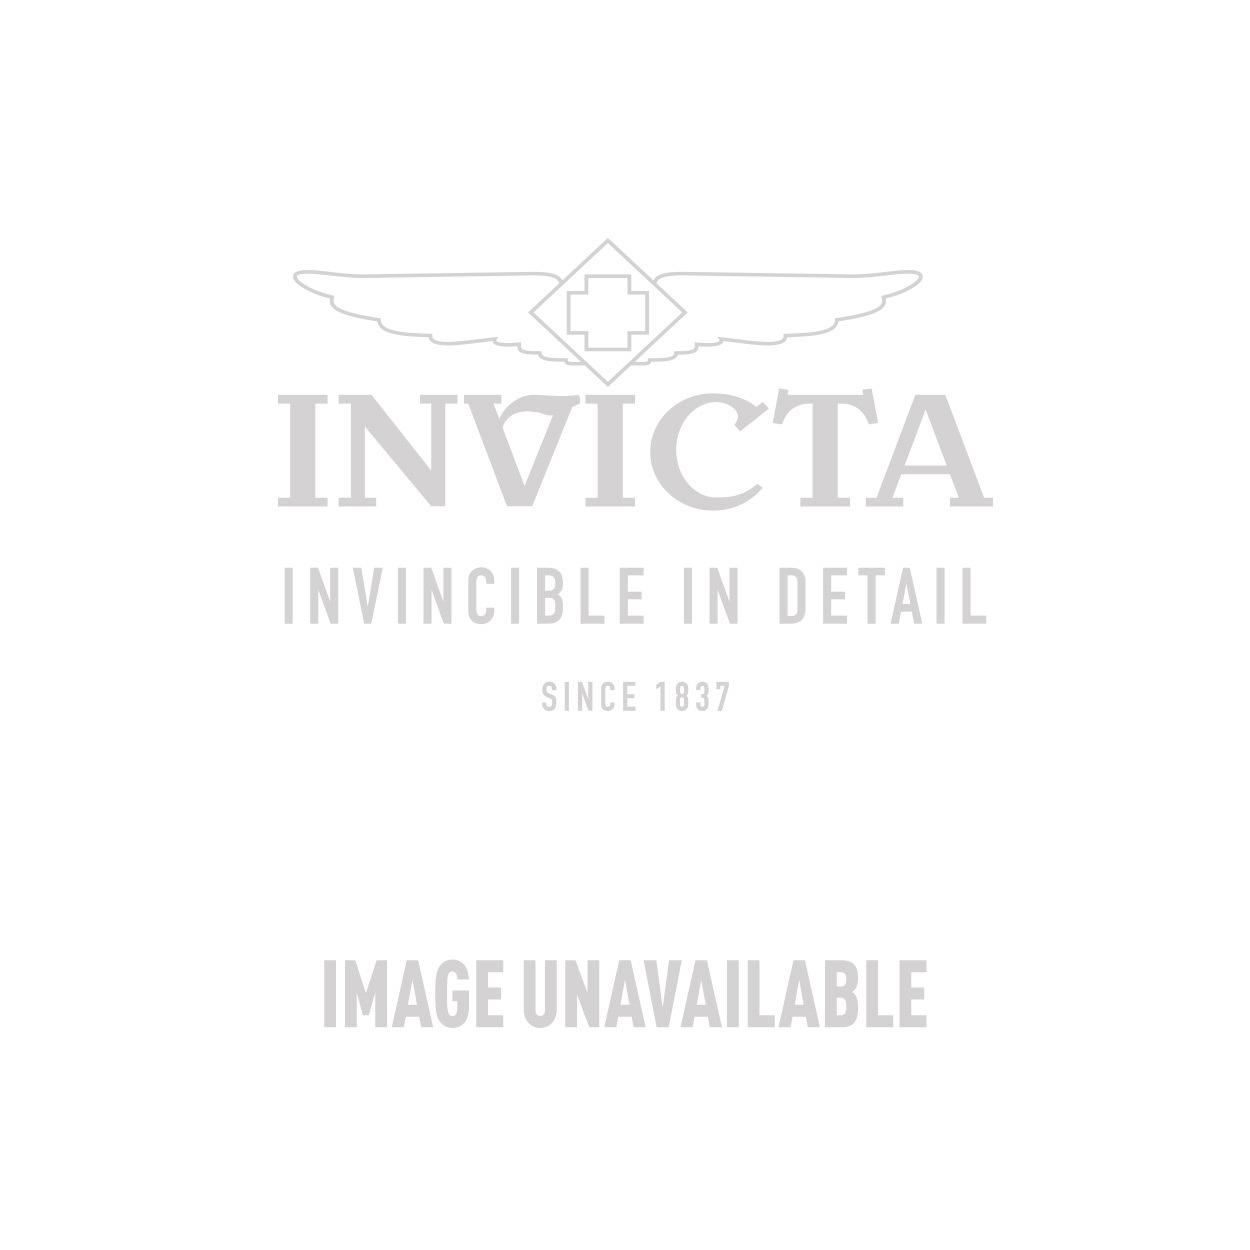 Invicta Model 27152